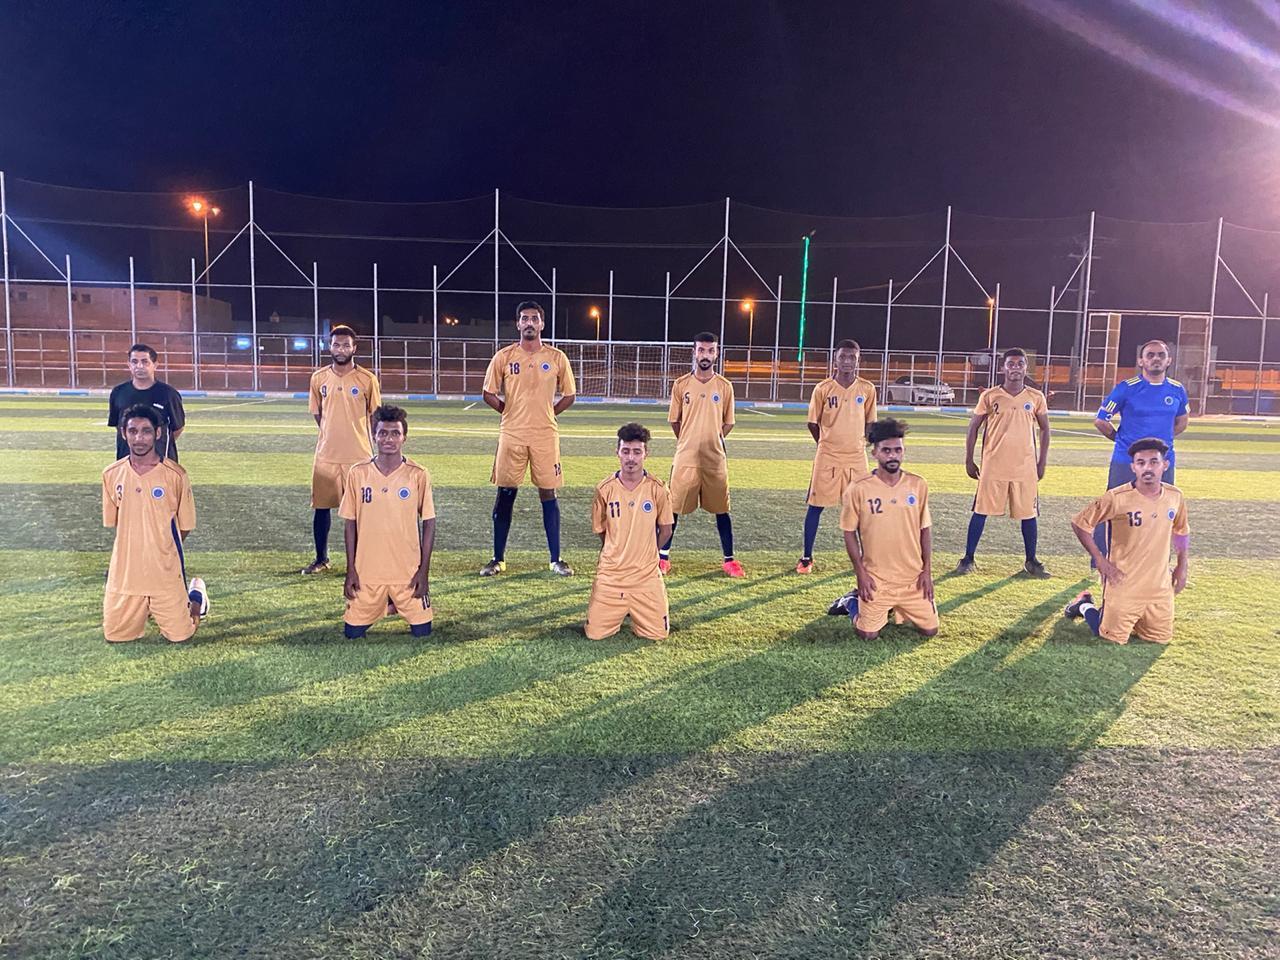 فريق الدريعية يتأهل للتصفيات النهائية لكأس رابطة الأحياء على مستوى منطقة جازان